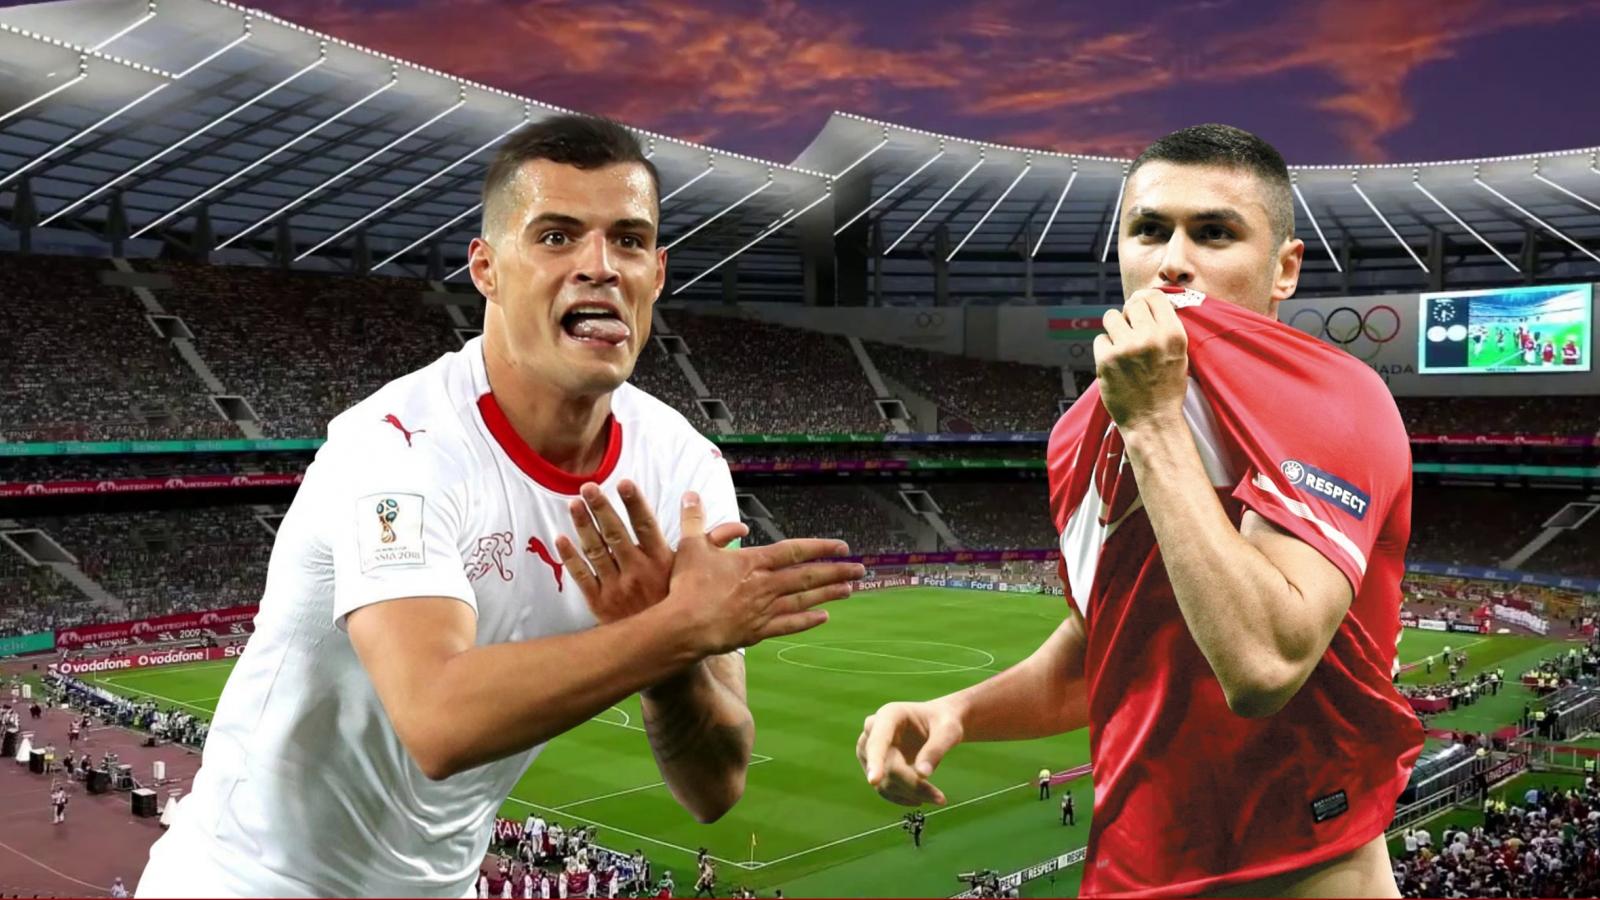 Dự đoán tỷ số, đội hình xuất phát trận Thụy Sĩ - Thổ Nhĩ Kỳ